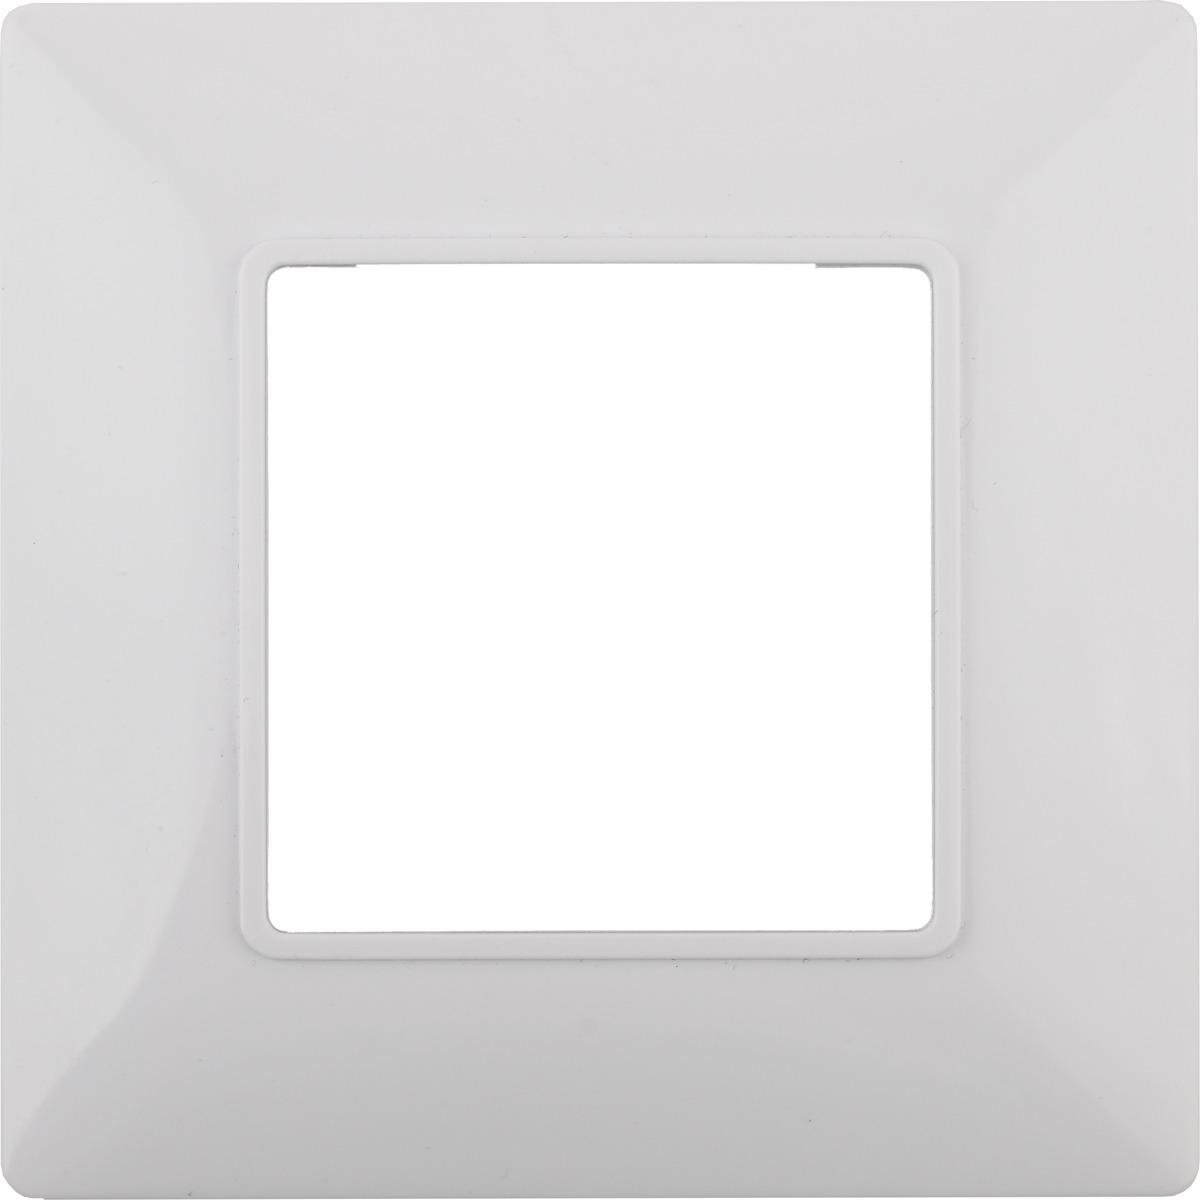 цена на Рамка электроустановочная ЭРА Elegance, на 1 пост, 14-5001-01, белый